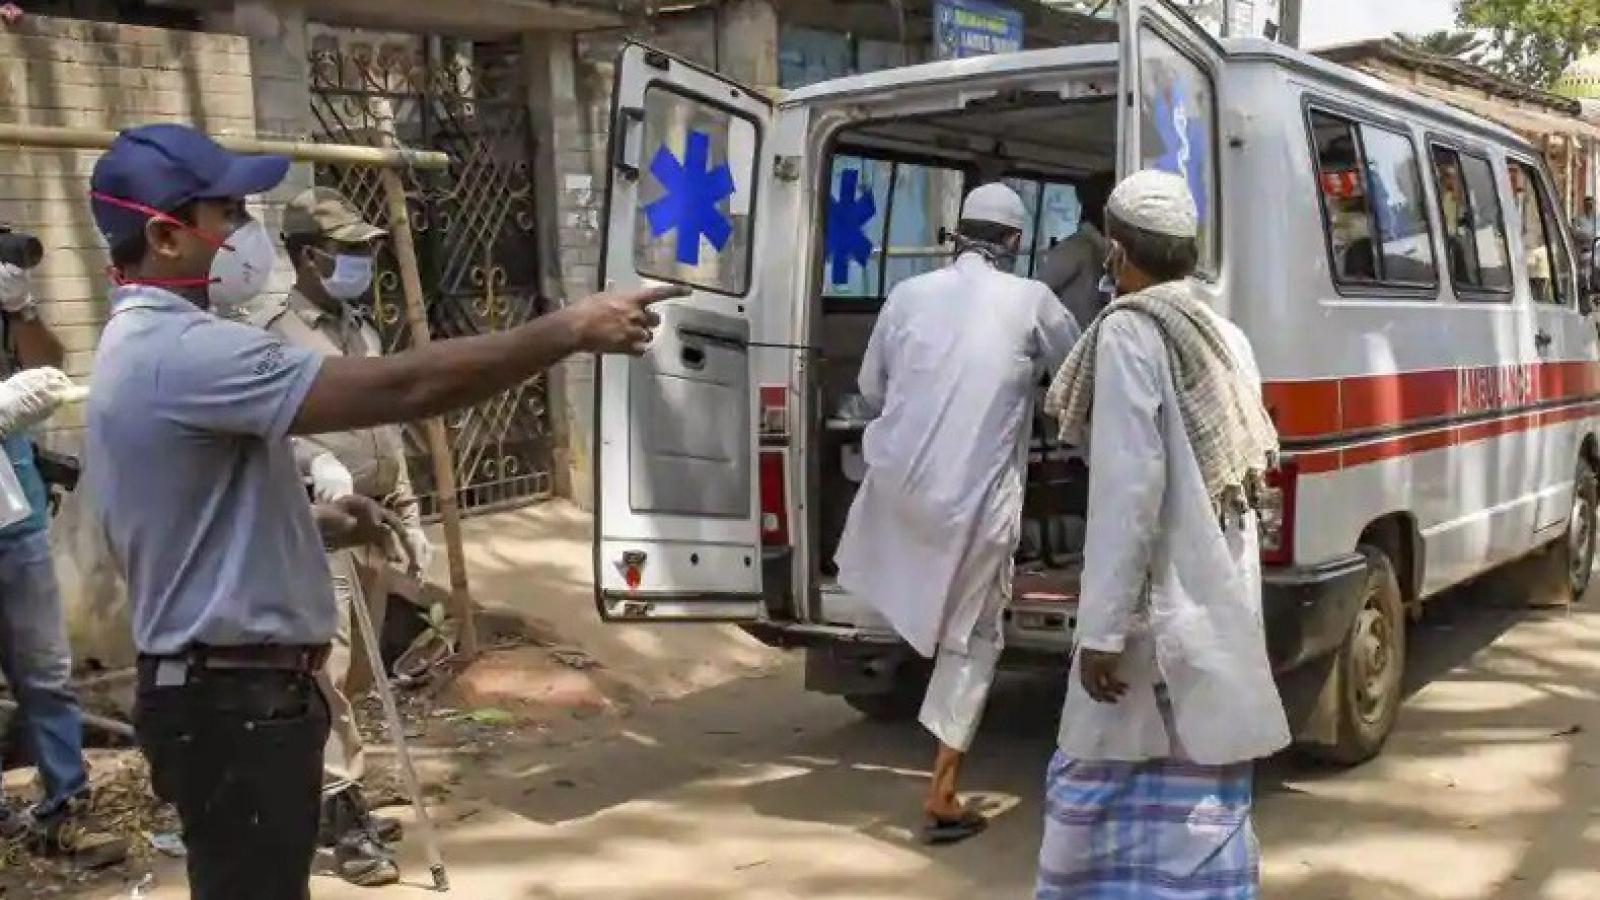 Ấn Độ cho bệnh nhân Covid-19 nhẹ xuất viện không cần xét nghiệm lại